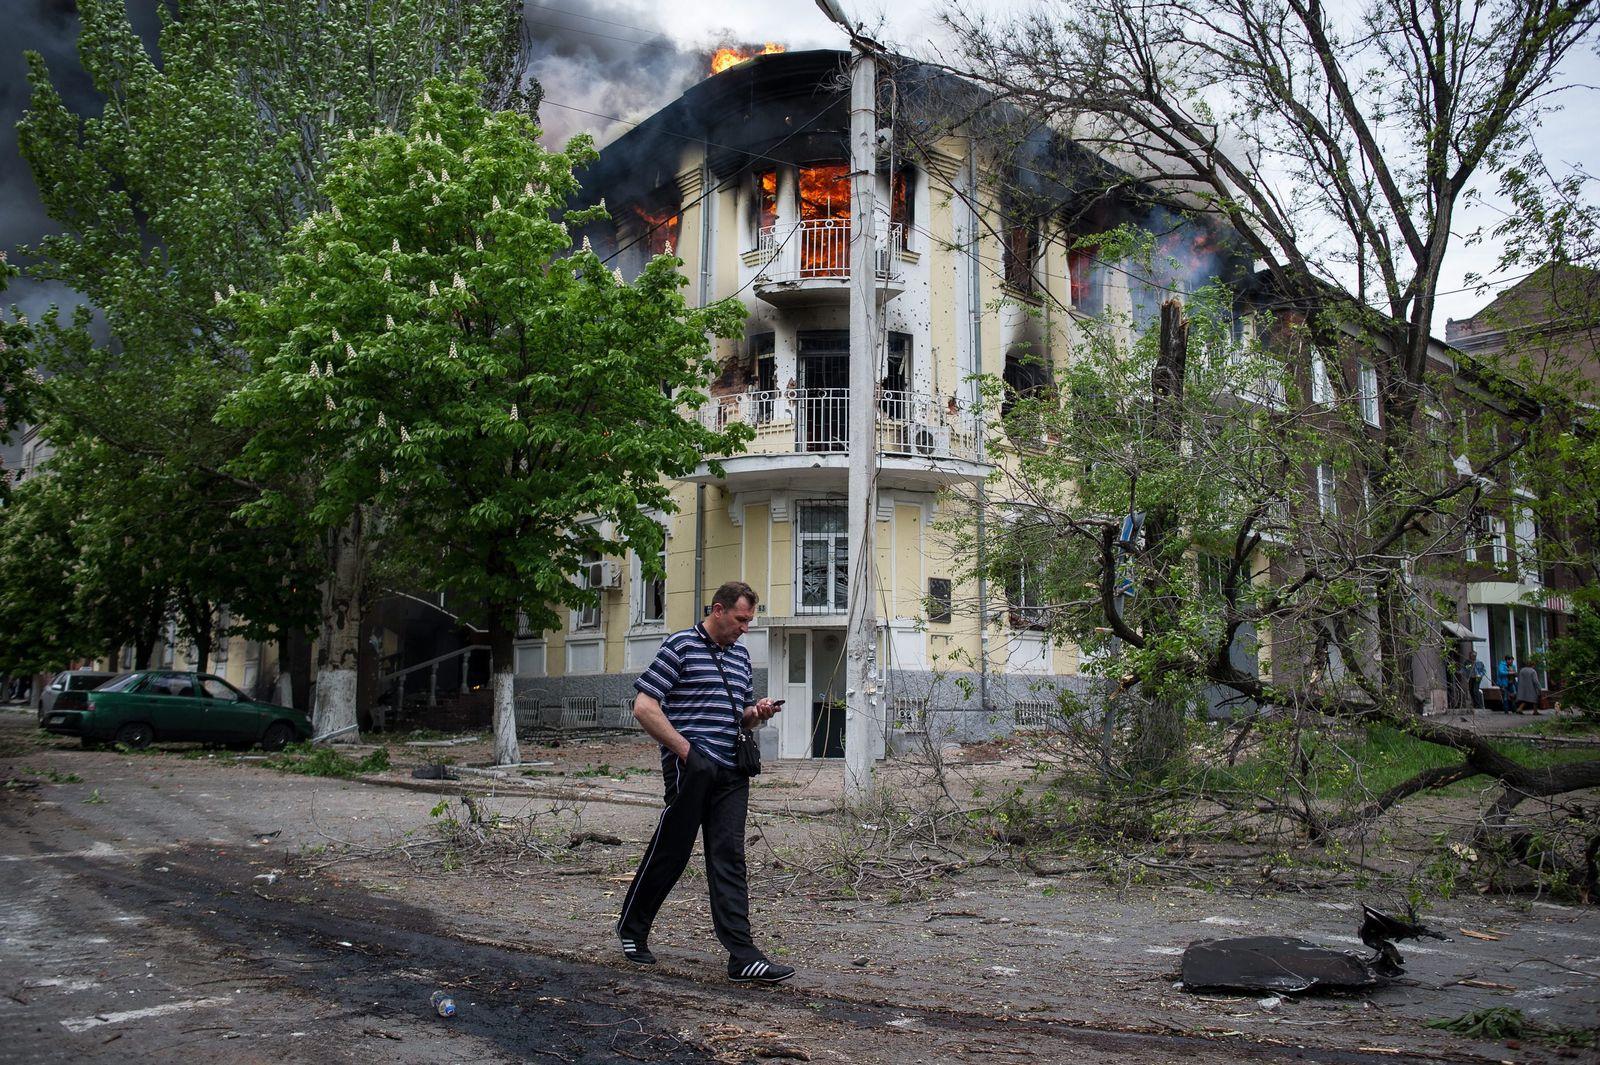 Ukraine / Mariupol